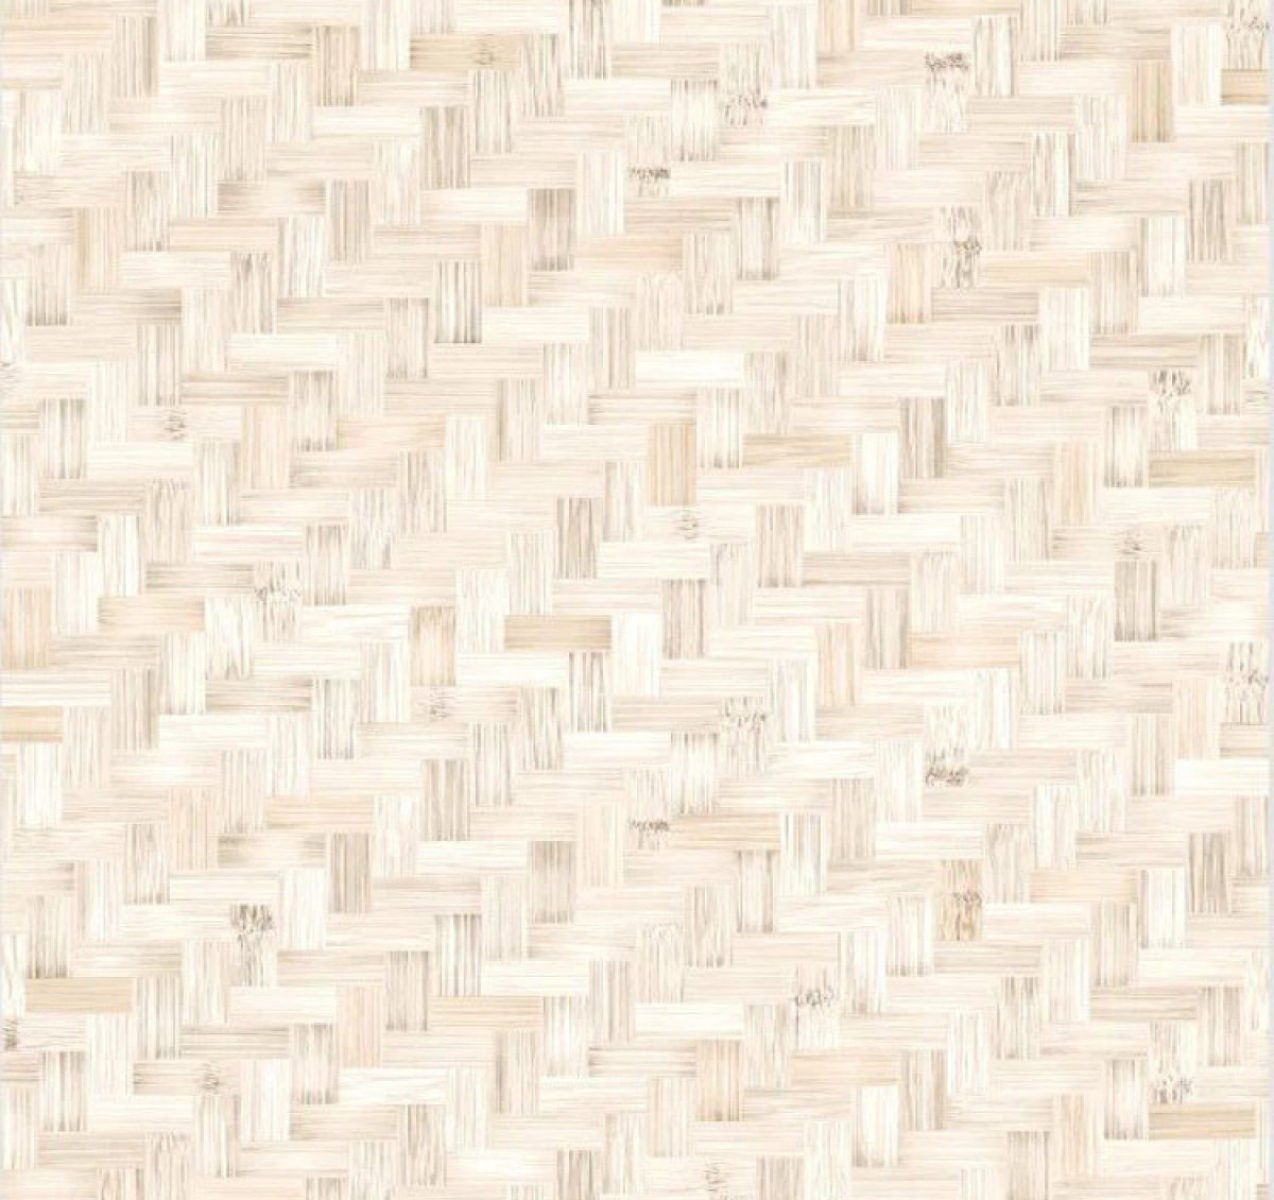 Nachahmung Nachahmung Bambus Strohmatten Tapeten-Muster Hintergrund ...